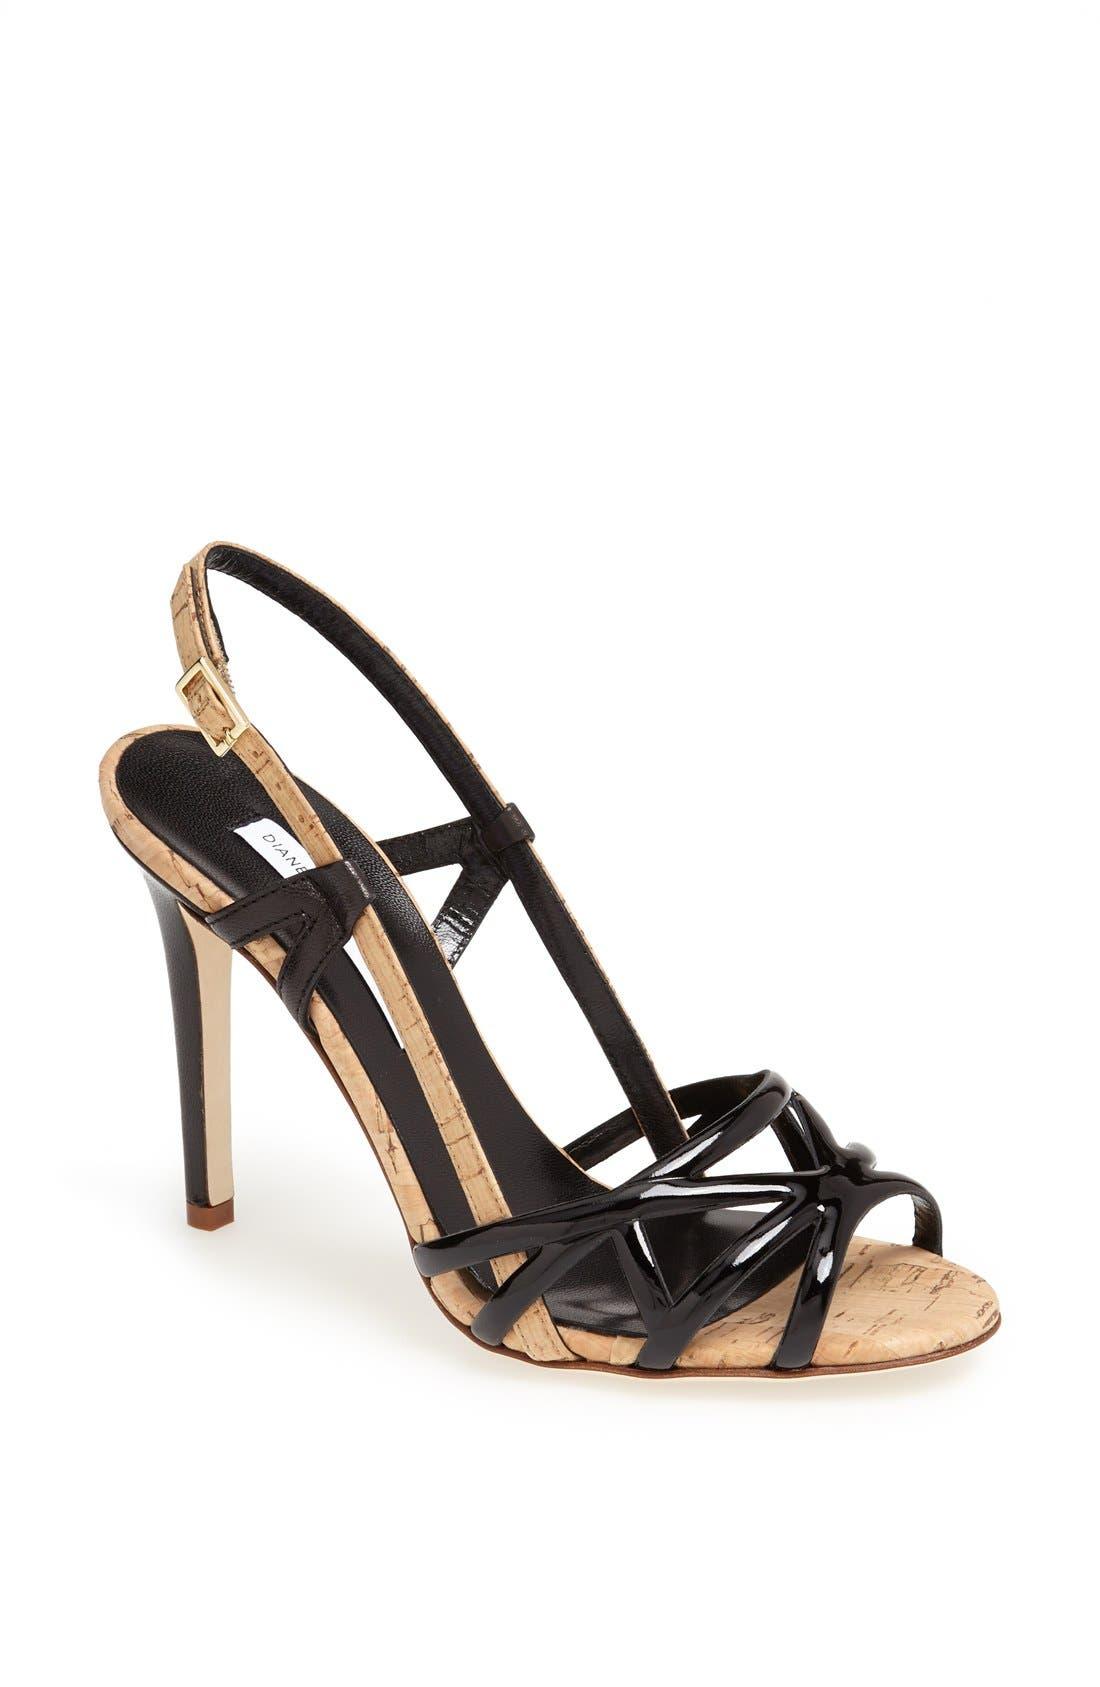 Alternate Image 1 Selected - Diane von Furstenberg 'Upton' Sandal (Online Only)